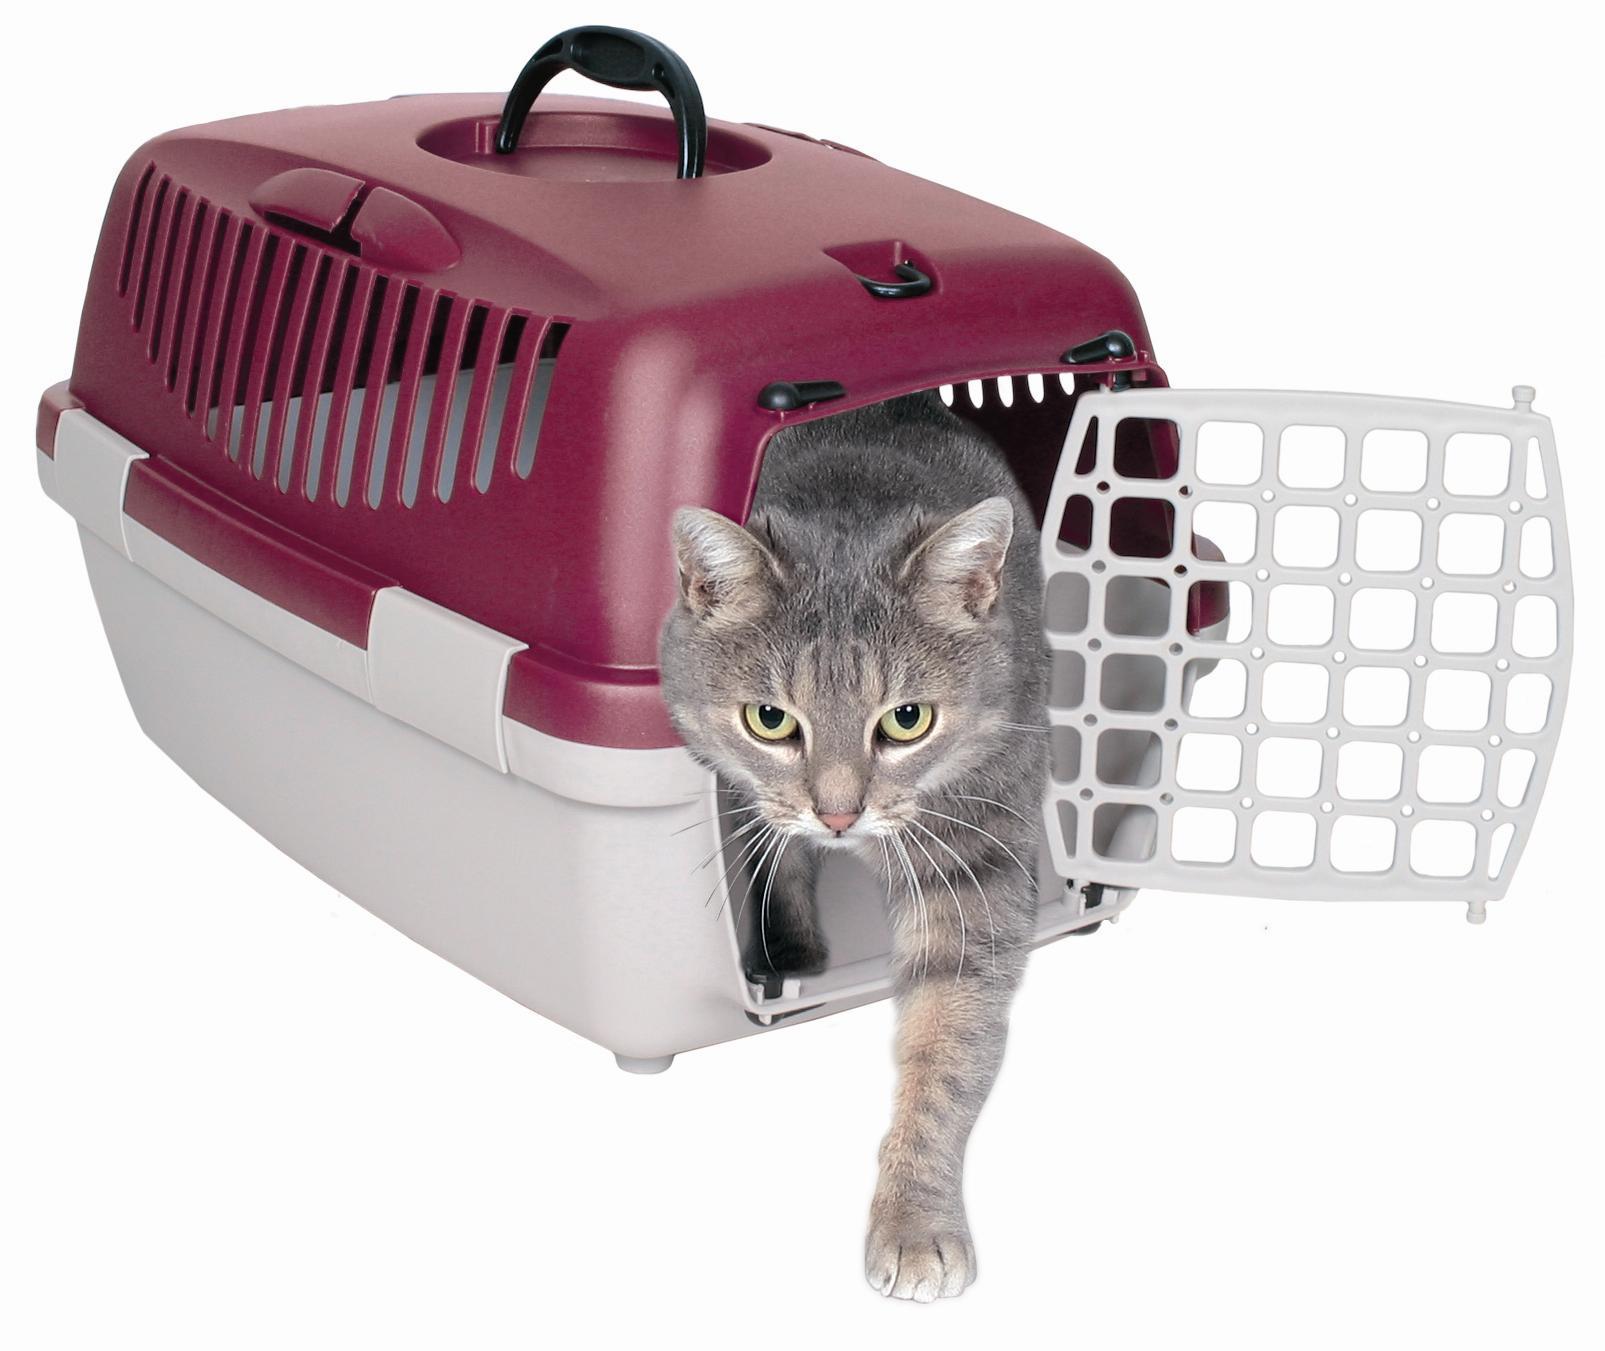 Kedinizin taşıma çantasını ile ilgili görsel sonucu